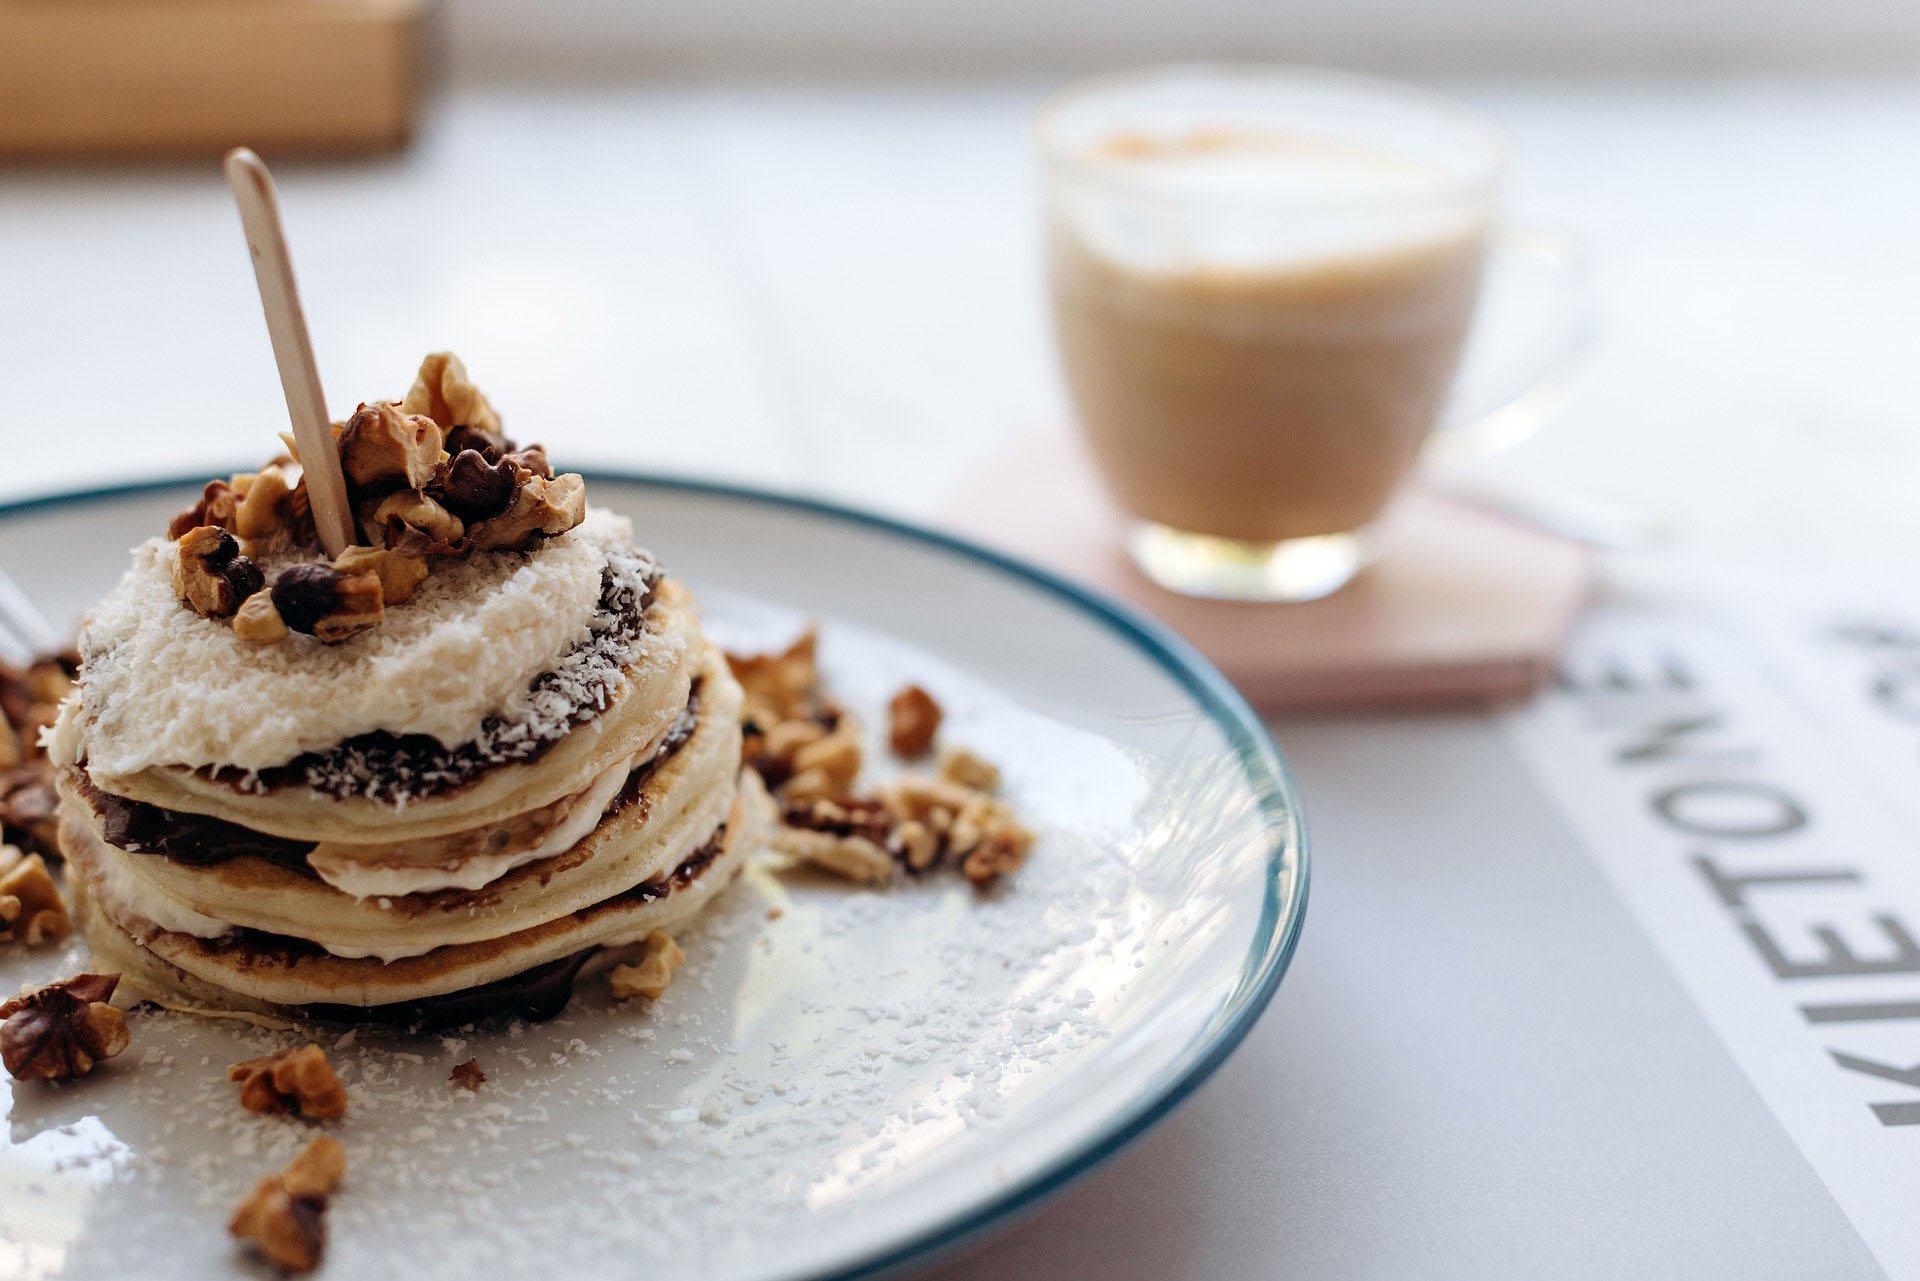 Pancakes - Photo par IVAN SVIATKOVSKYI via Pixabay - Banques d'images gratuites par Kozman